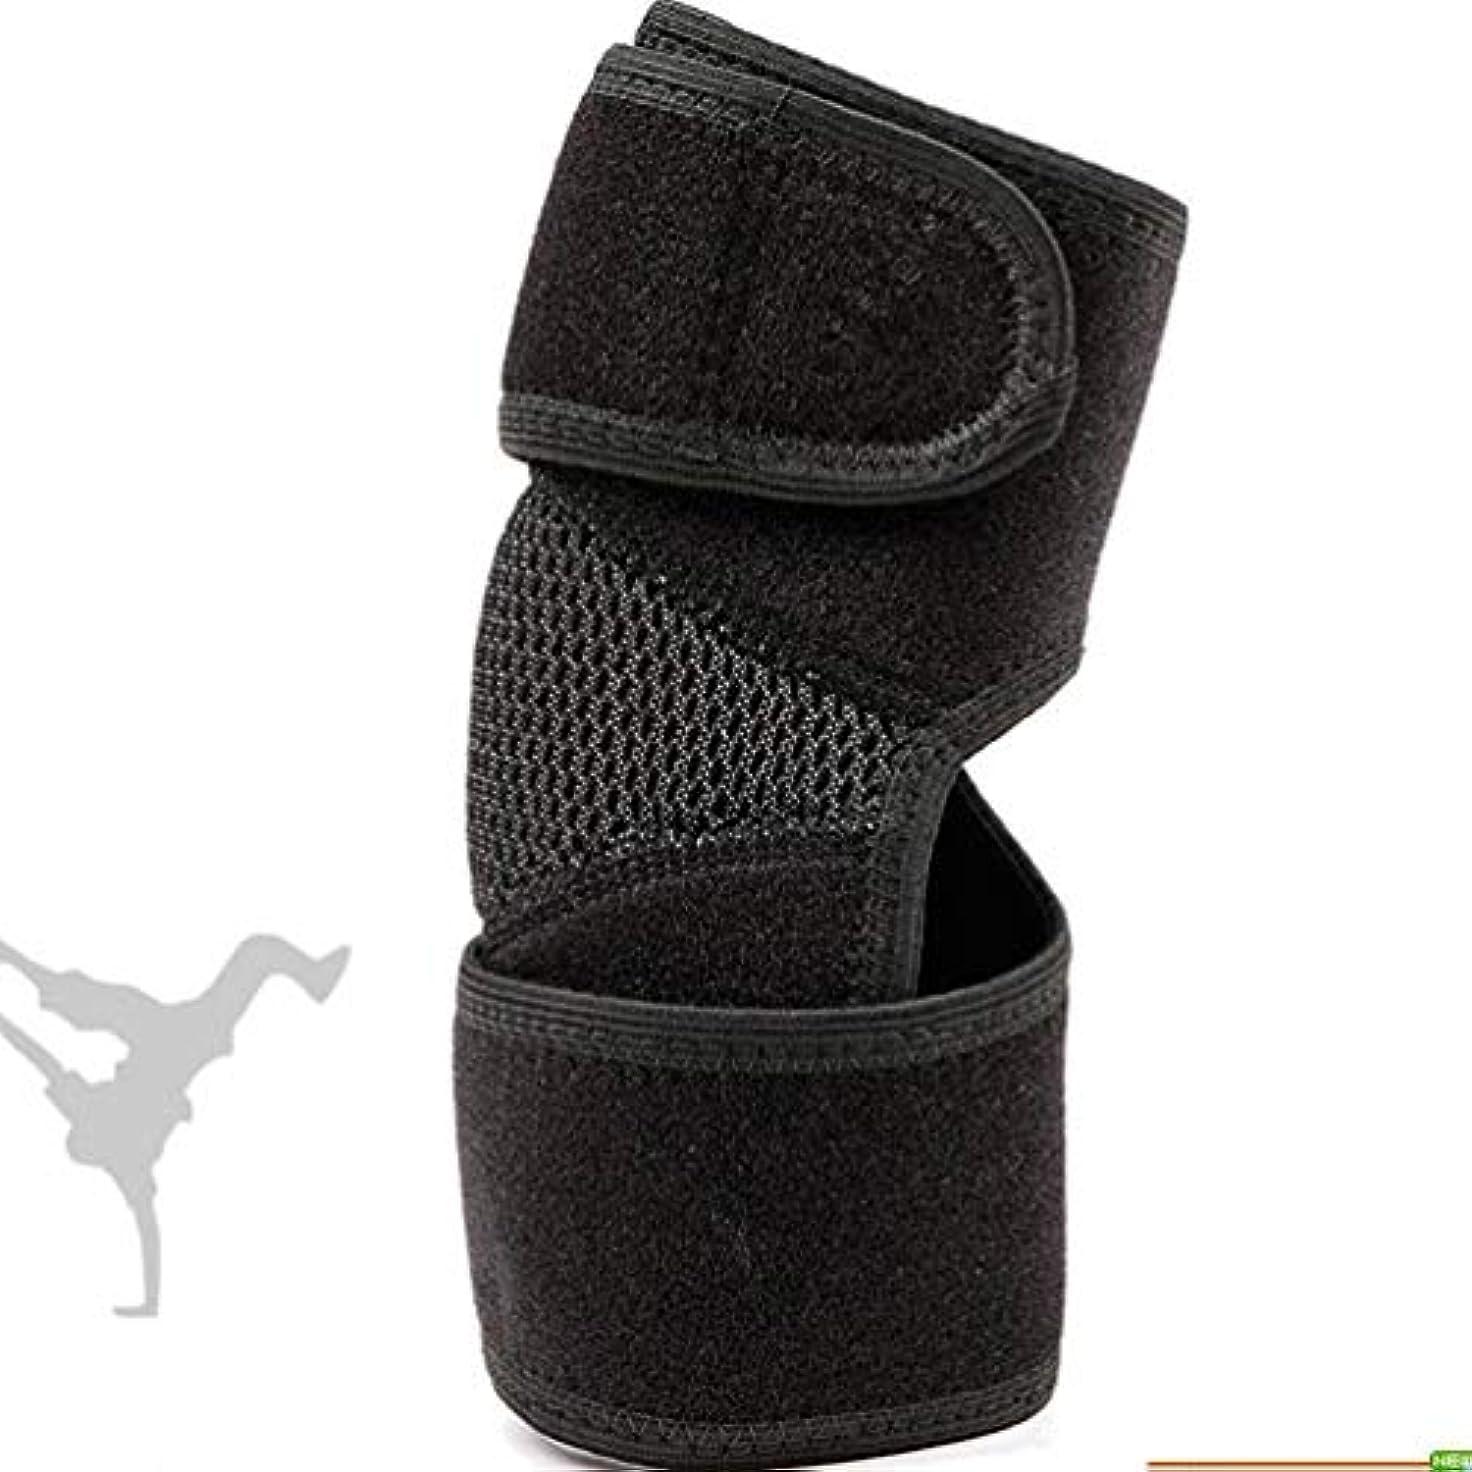 手首世界の窓ほんの調節可能な 腕陸上競技の保護者のスポーツ保護するクラッシュ耐性の弾力性エルボーブレースランスポーツマンディフェンダー - ブラック